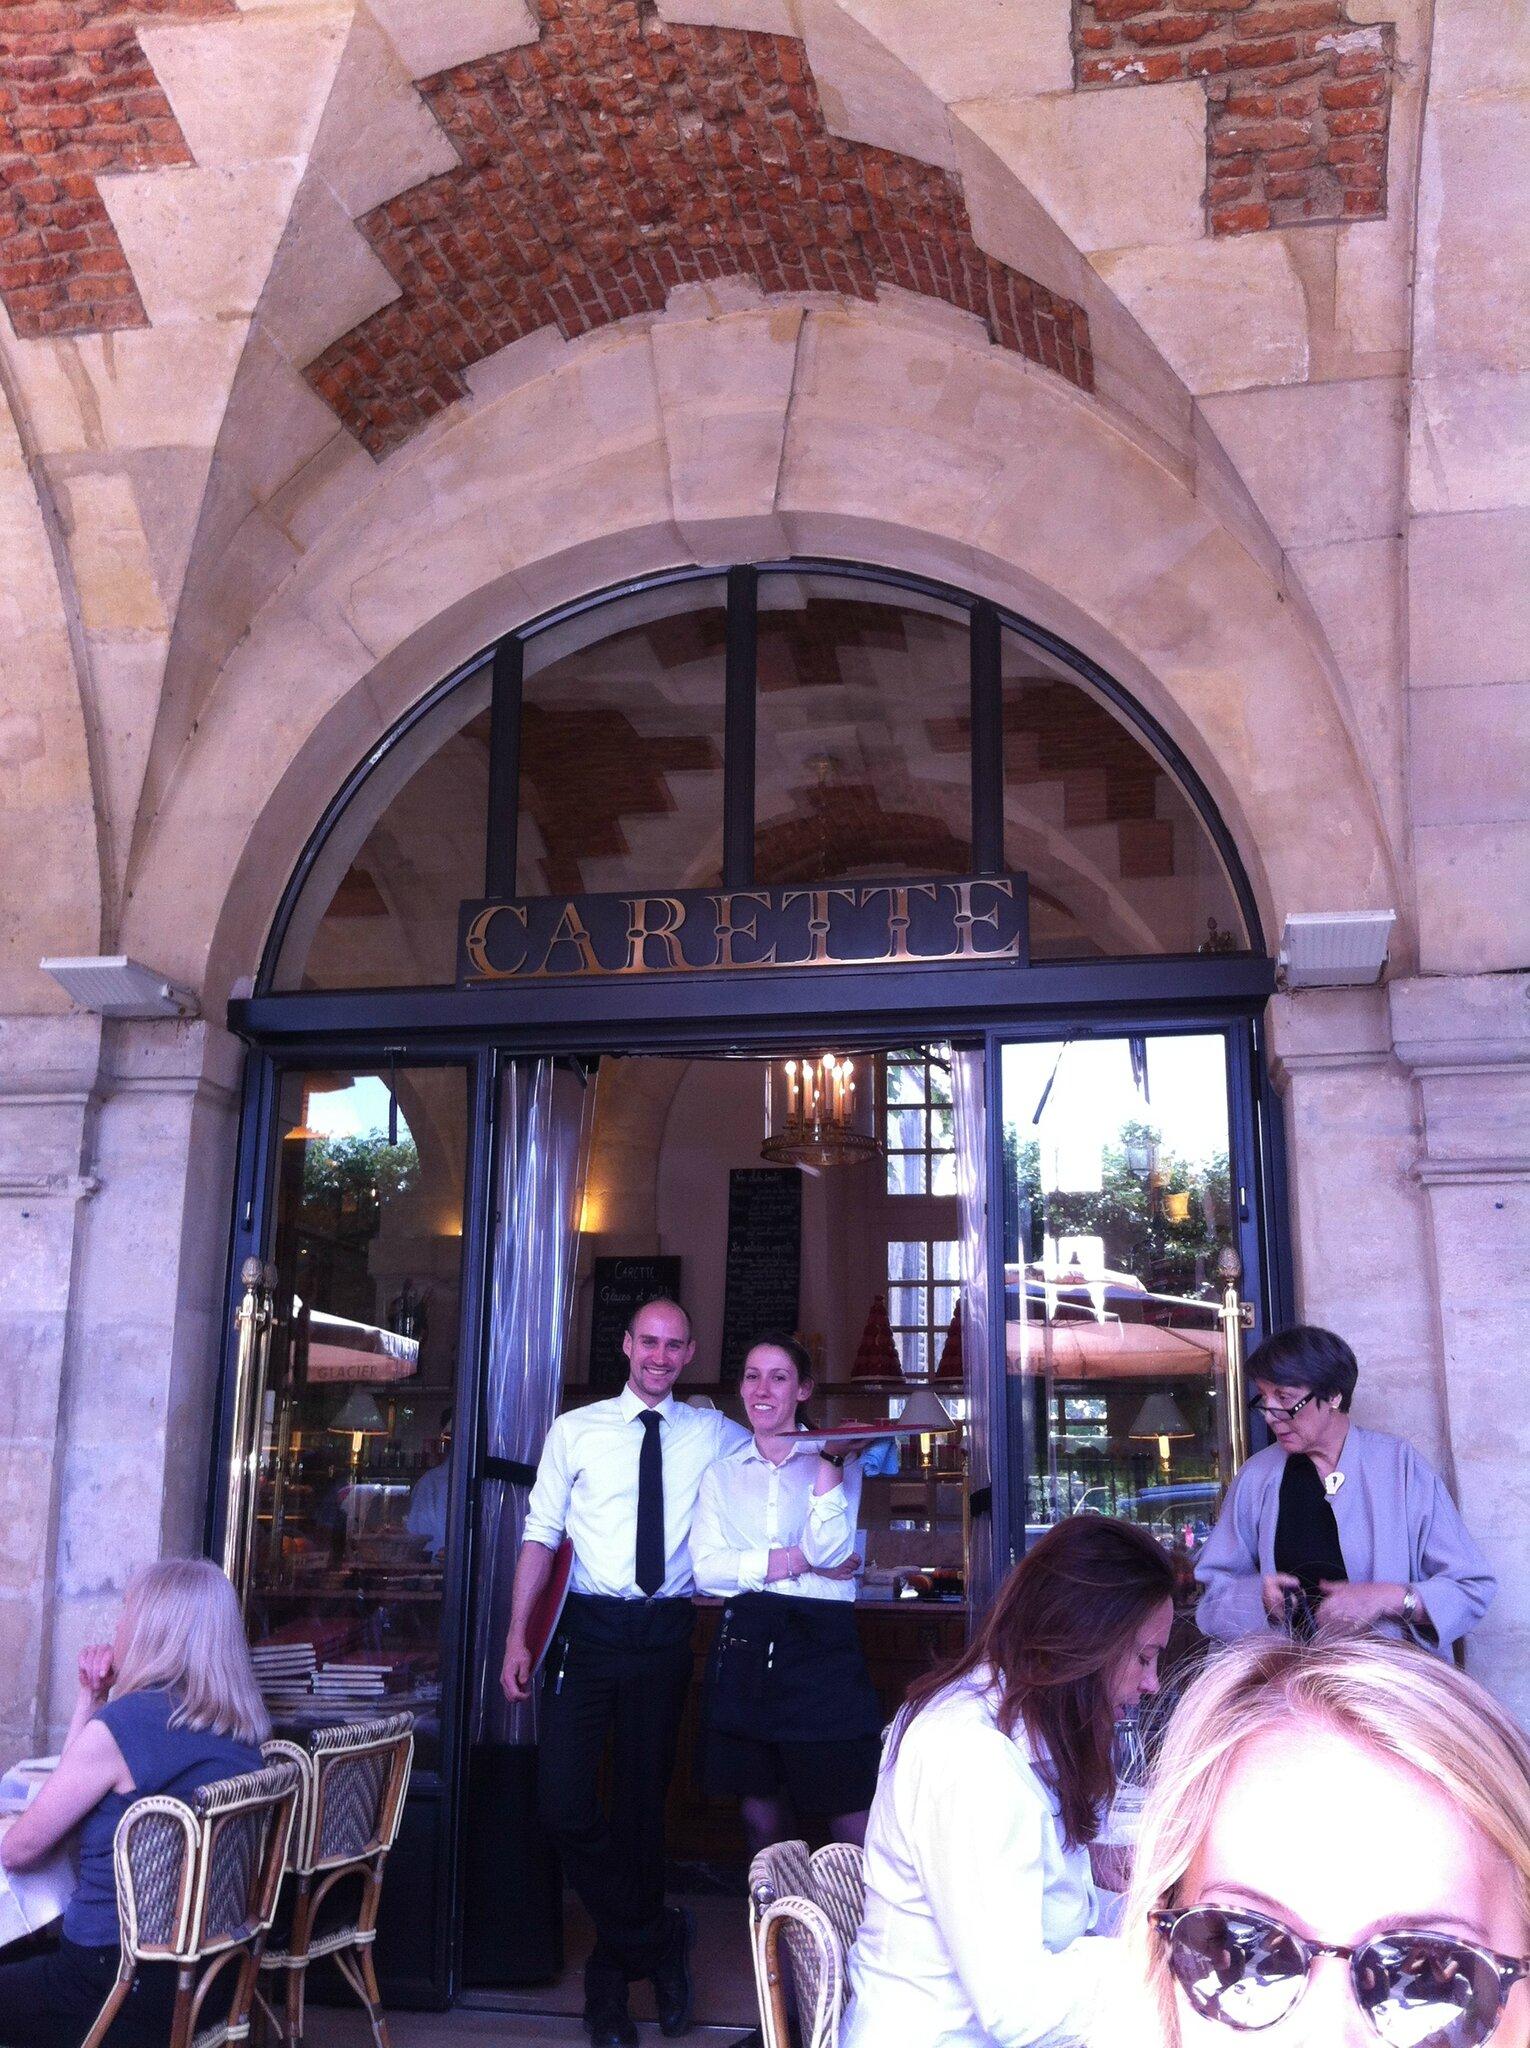 Carette, place des Vosges: le charme discret de la bourgeoisie parisienne